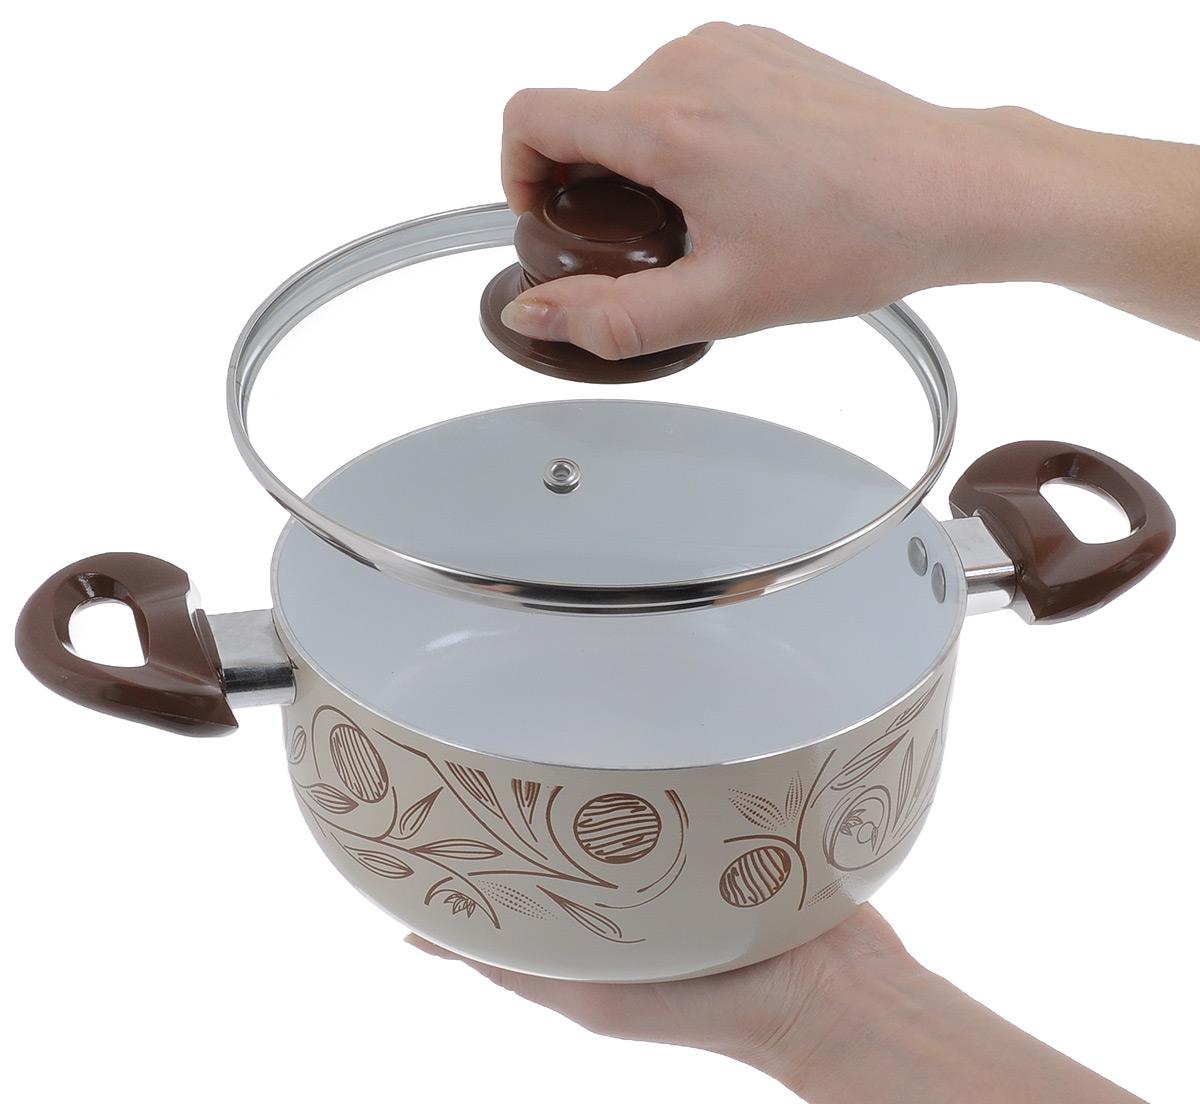 """Набор кухонной посуды Calve """"Premium Quality"""", цвет: бежевый, коричневый, 4 предмета"""